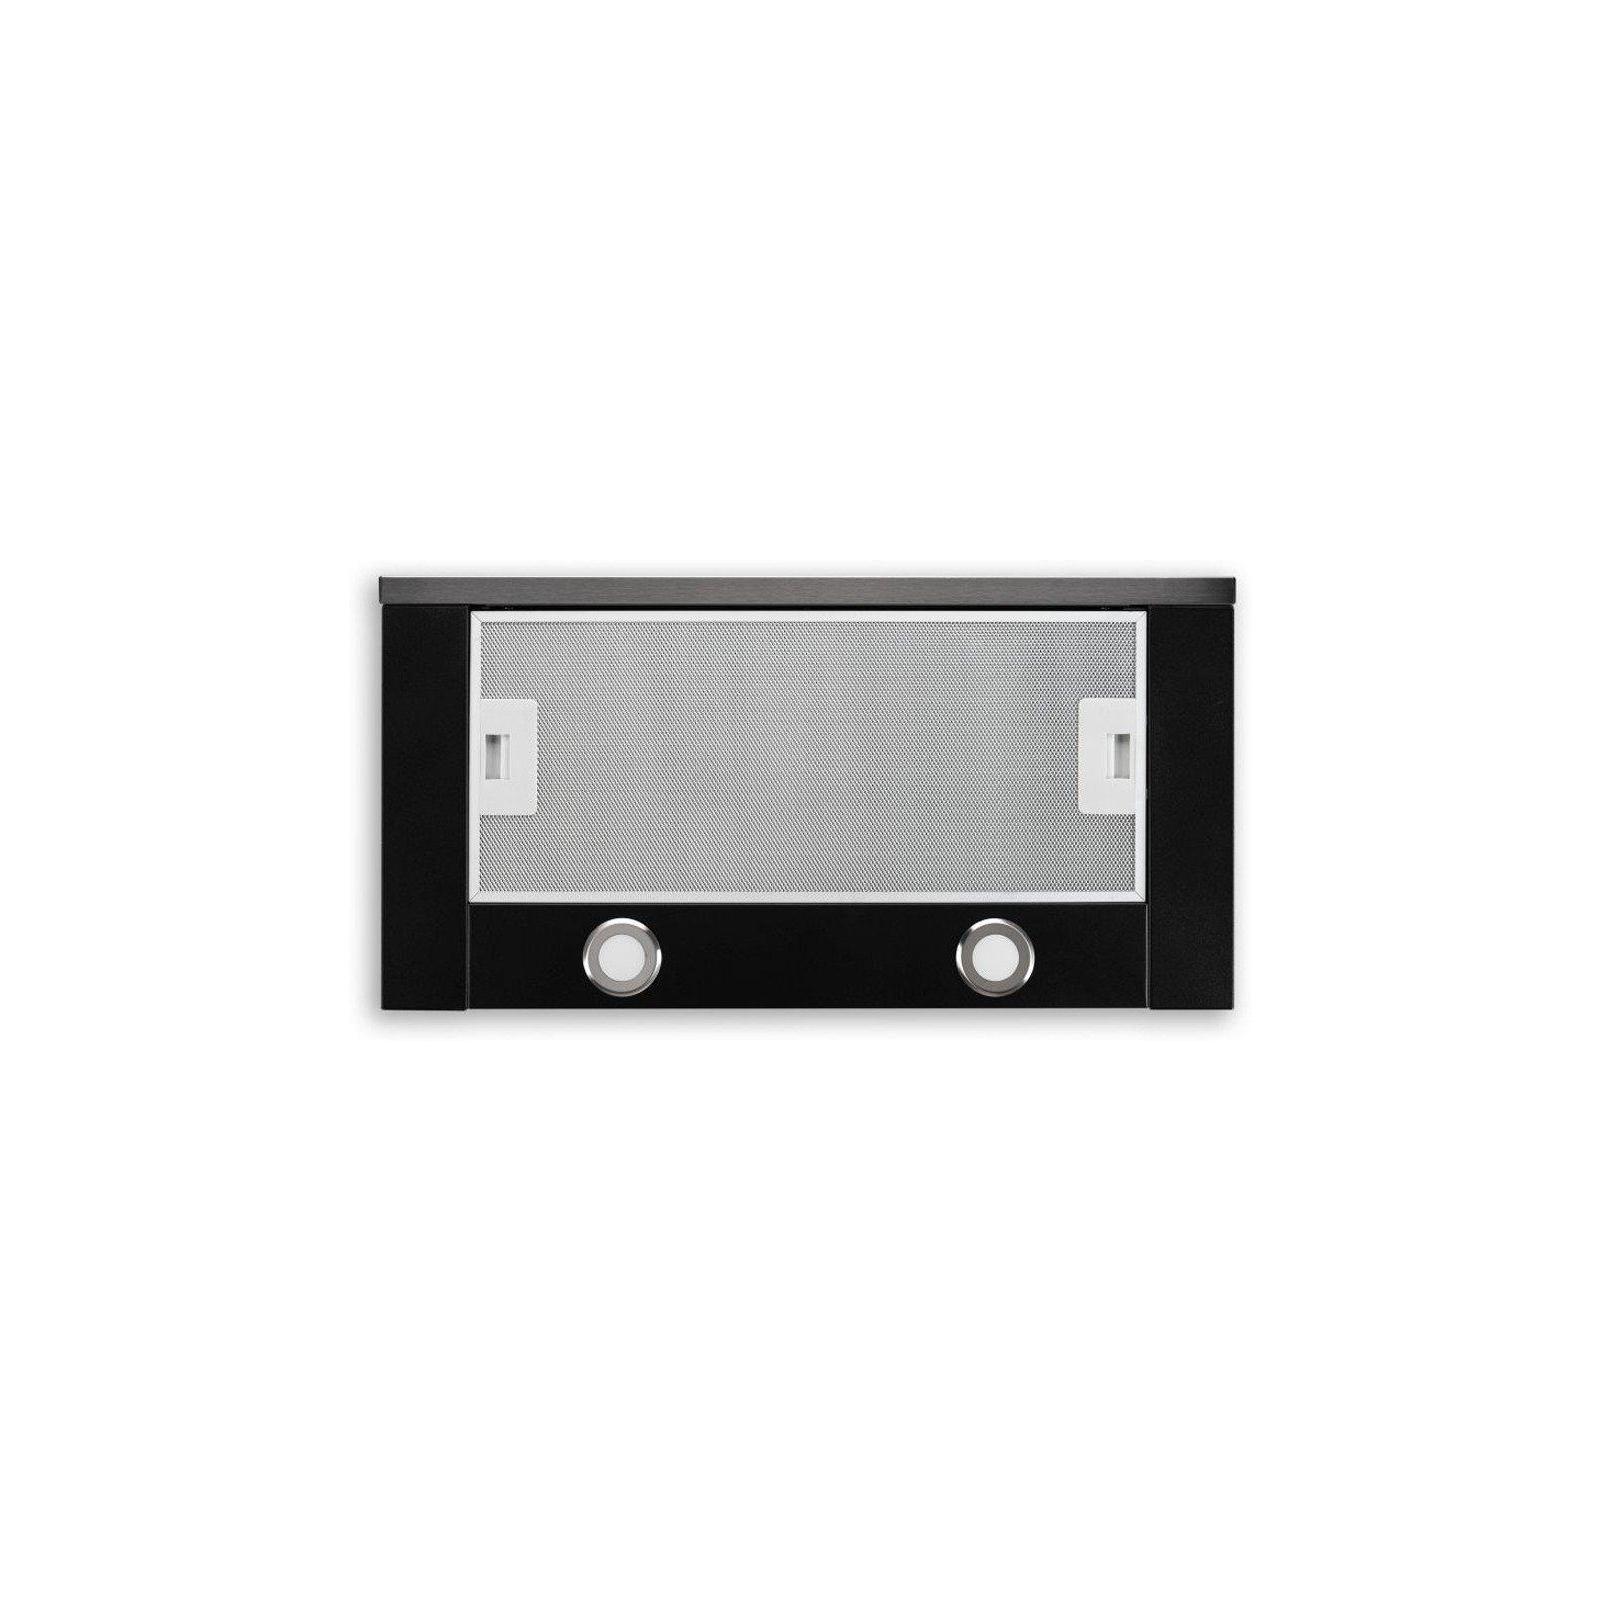 Вытяжка кухонная MINOLA HTL 6162 I/BL GLASS 650 LED изображение 3